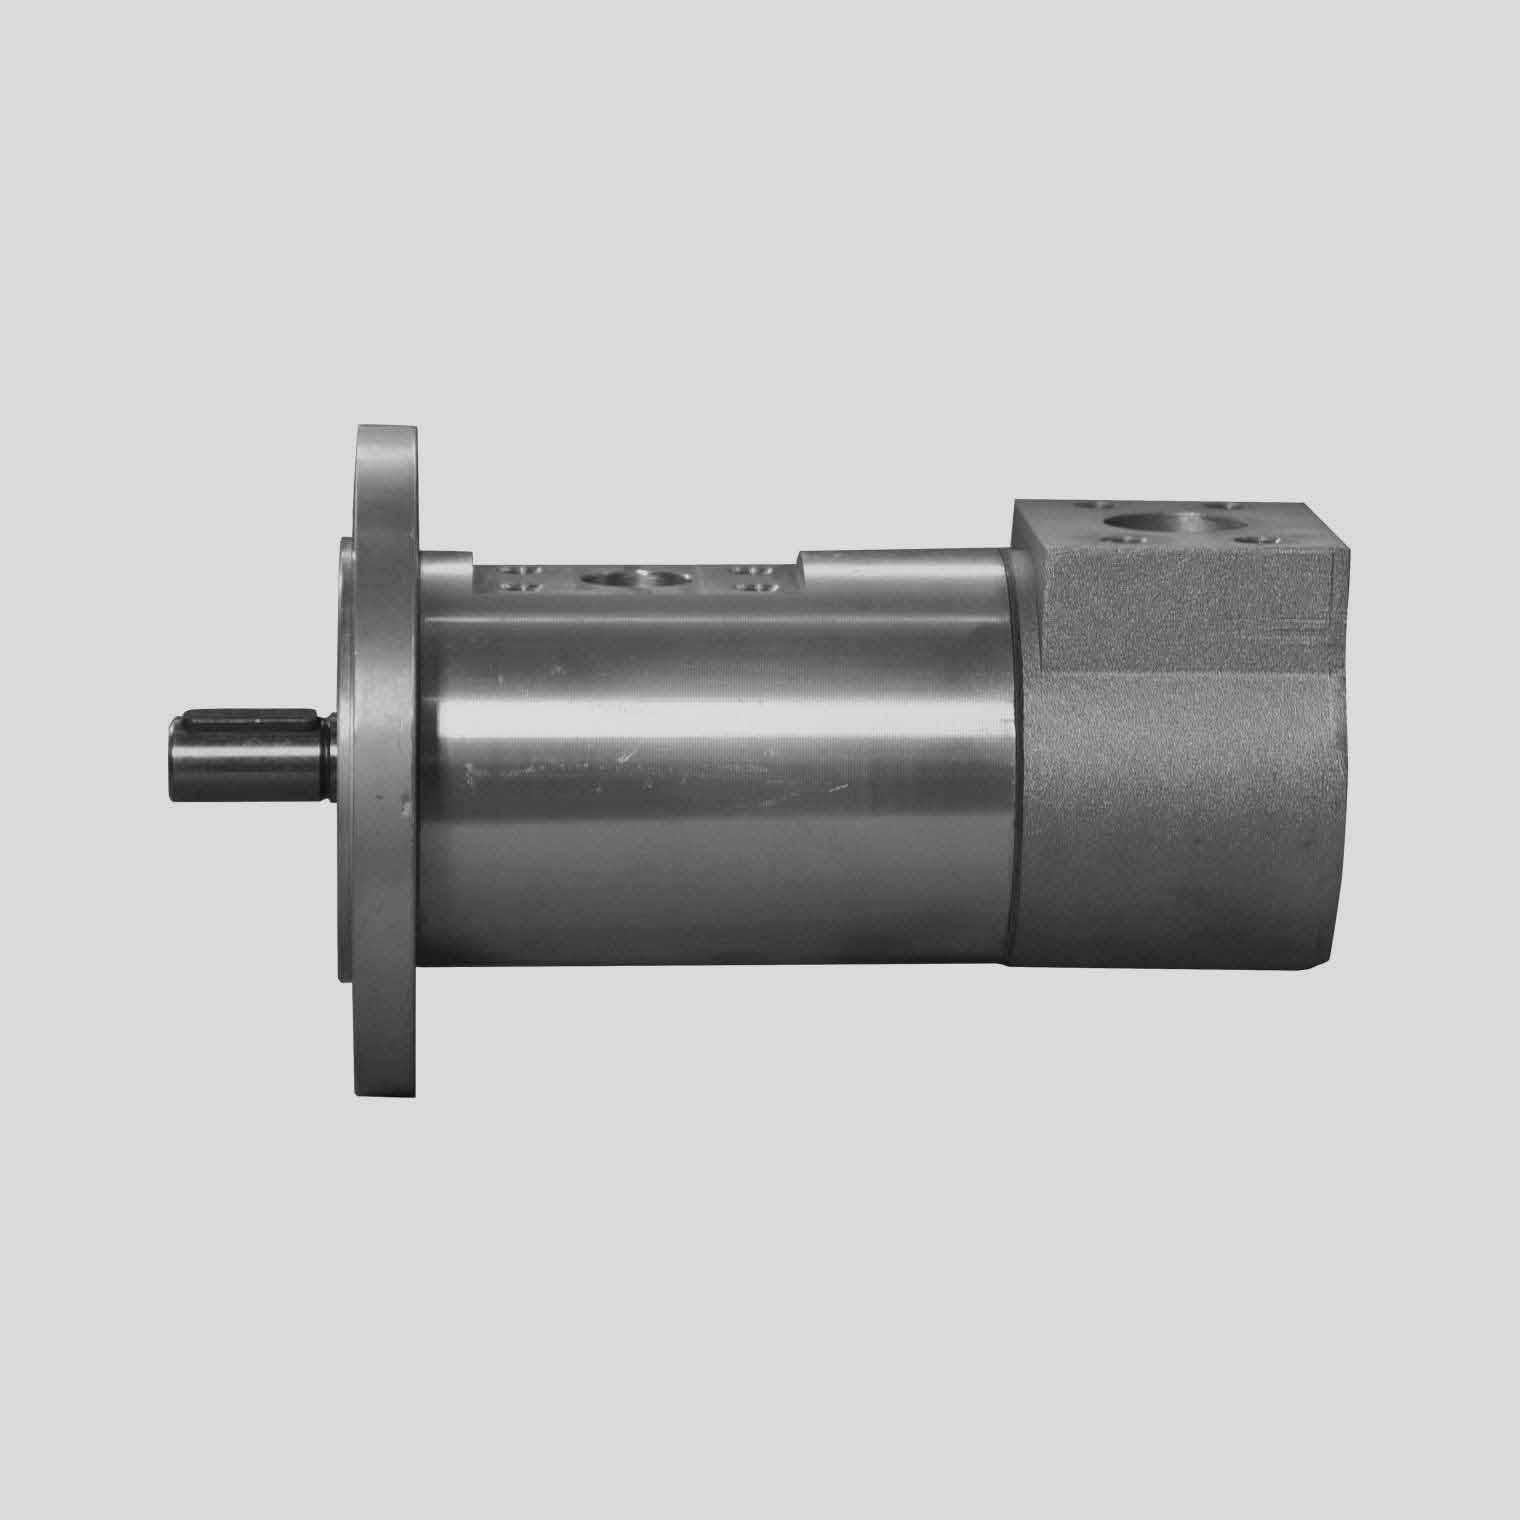 出售GR55SMT16B250L九江发电厂配套重油泵整机